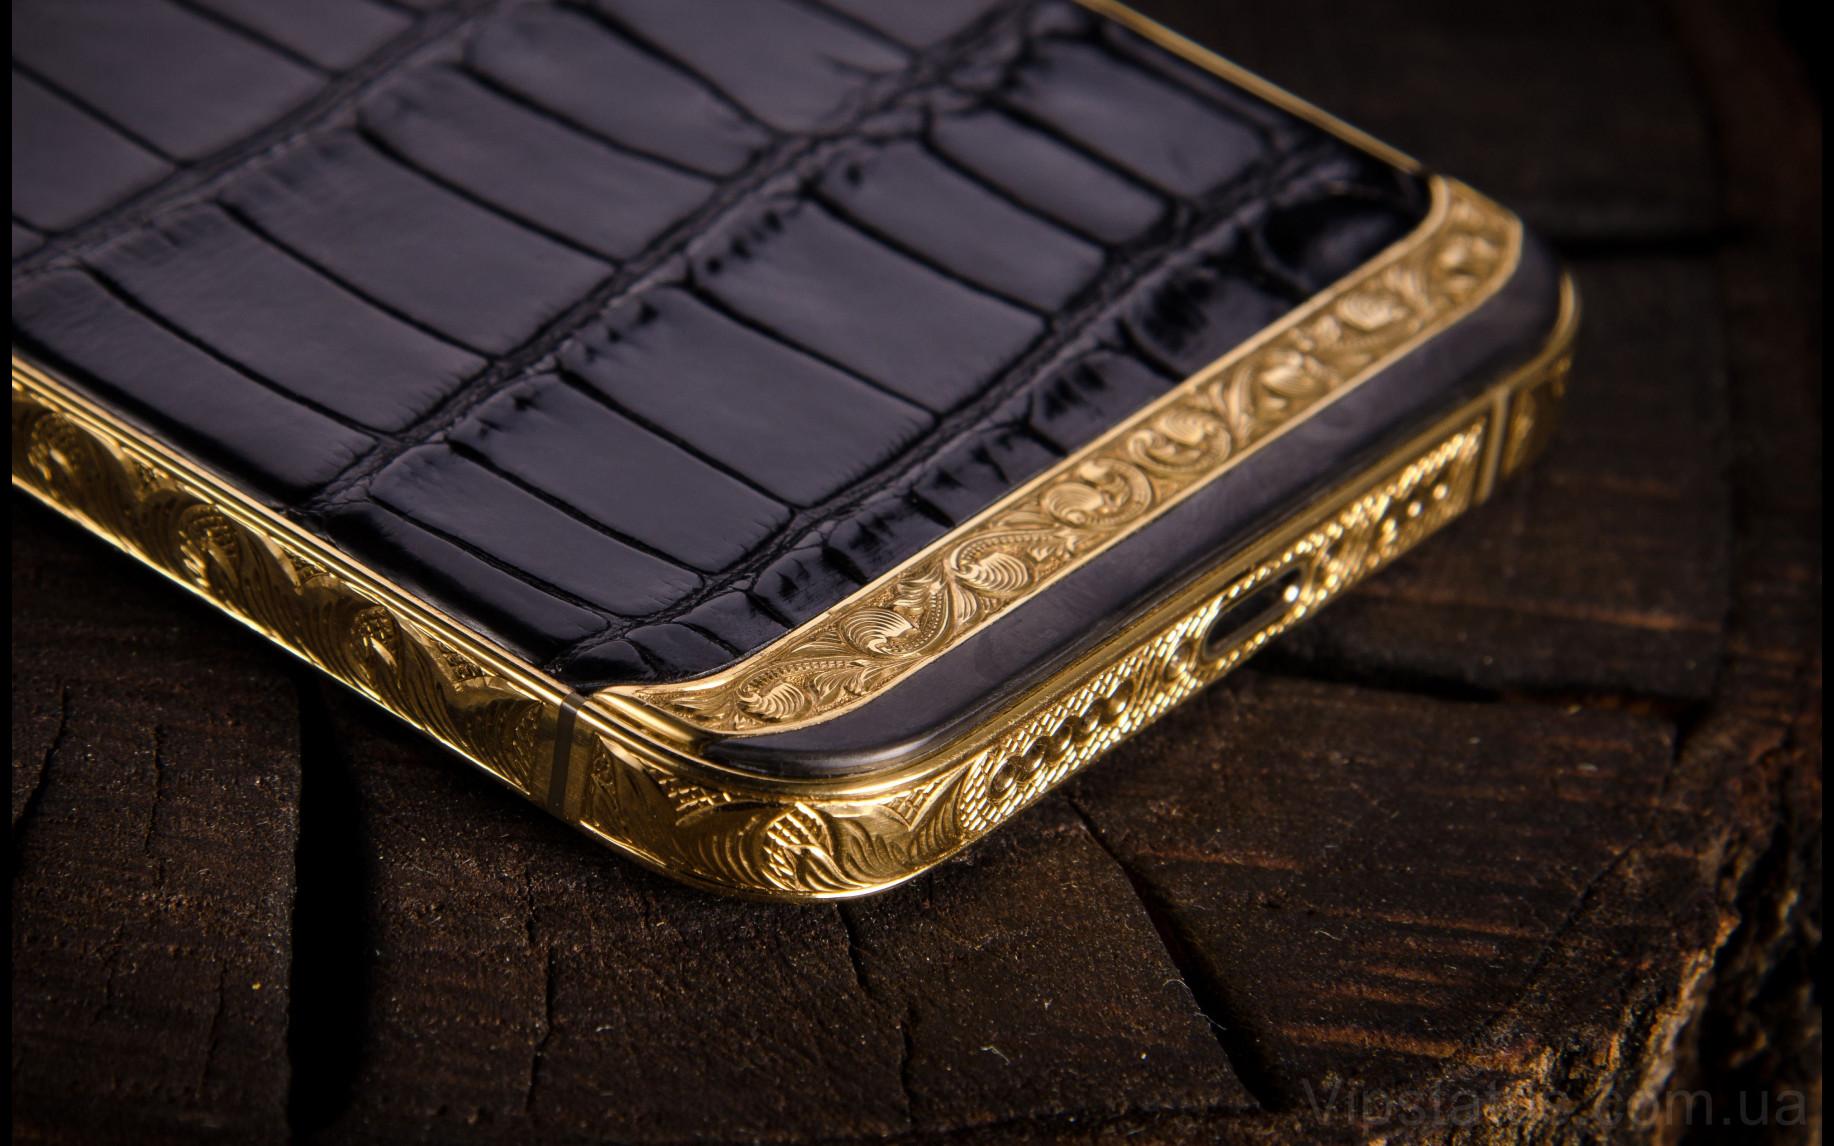 Elite Magic Apple Black IPHONE 12 PRO MAX 512 GB Magic Apple Black IPHONE 12 PRO MAX 512 GB image 4